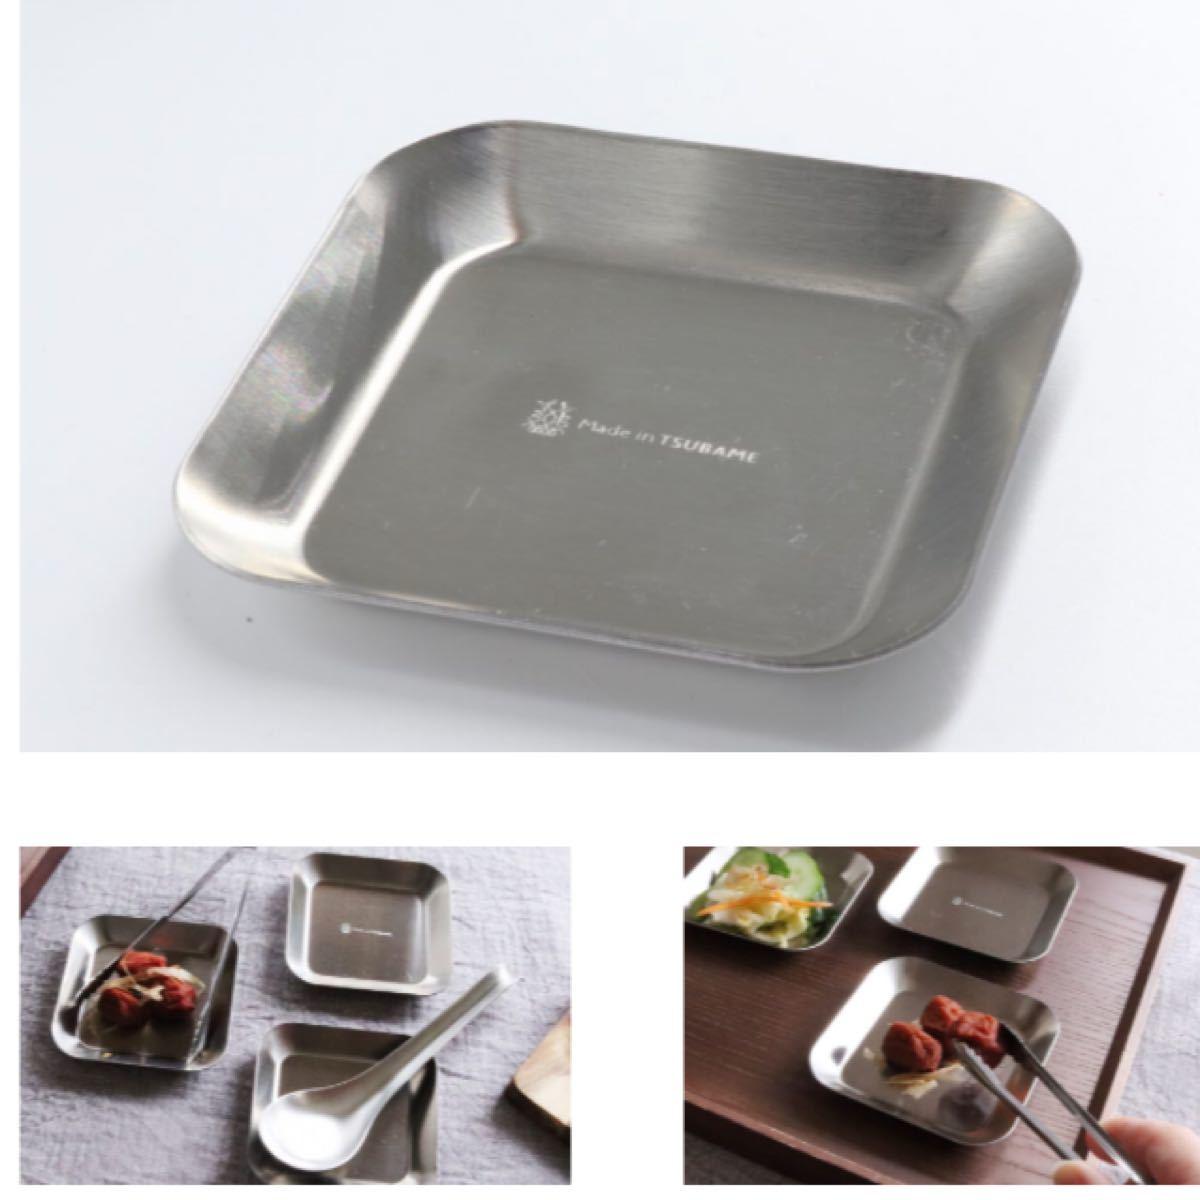 ツバメカトラリー 薬味小皿&ミニトング  4点セット 新品未使用 made in tsubame 燕